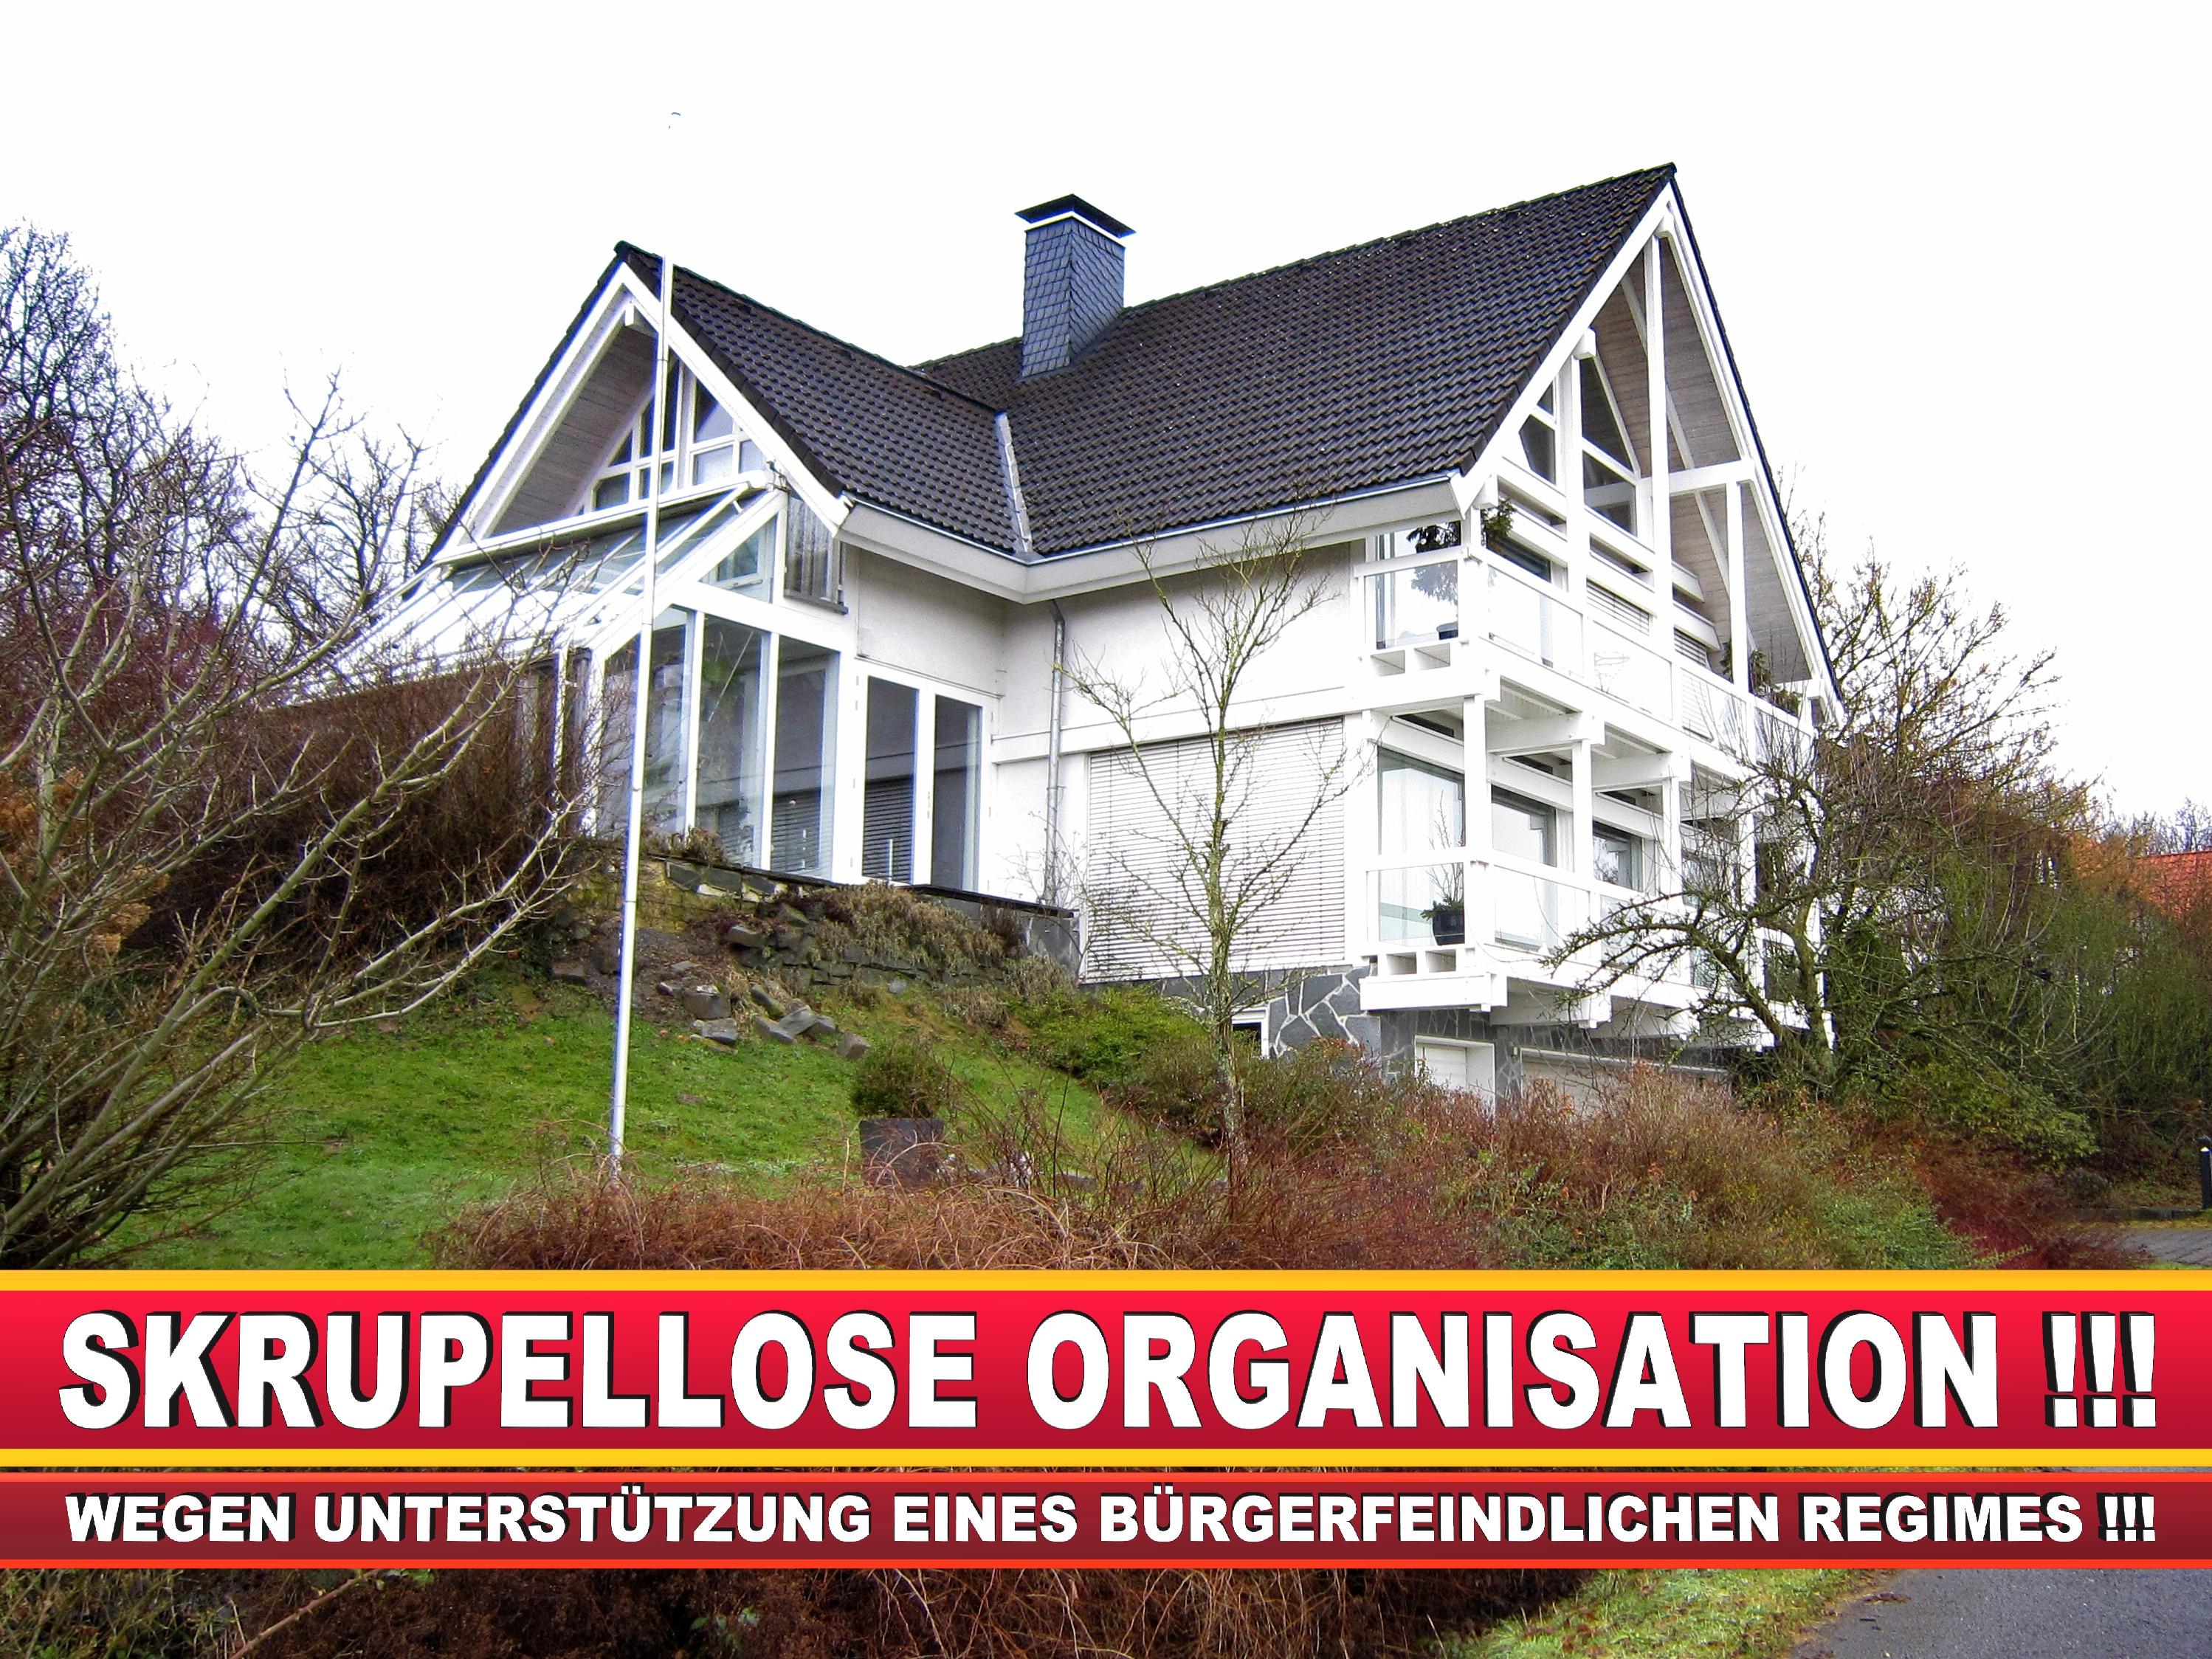 Jens Gnisa Justizversager Amtsgerichtsdirektor Bielefeld Totale Korruption In Bielefeld Privathaus Richterbund Richtervereinigung (1)